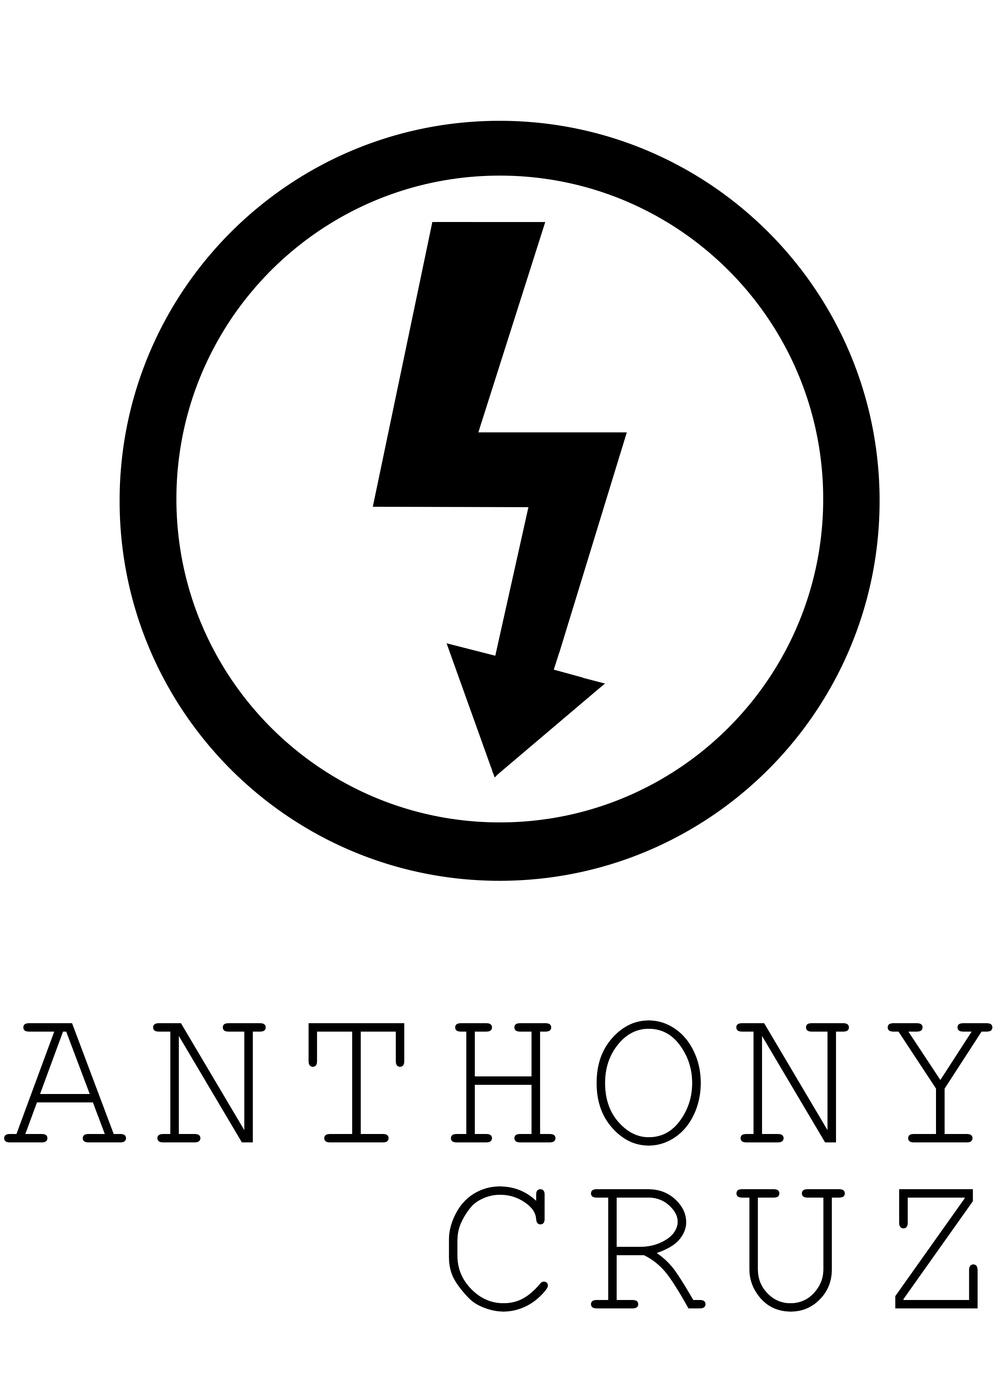 former itt tech employee and whistleblower for the new york times rh anthonycruzphoto com itt tech login student portal itt tech logo